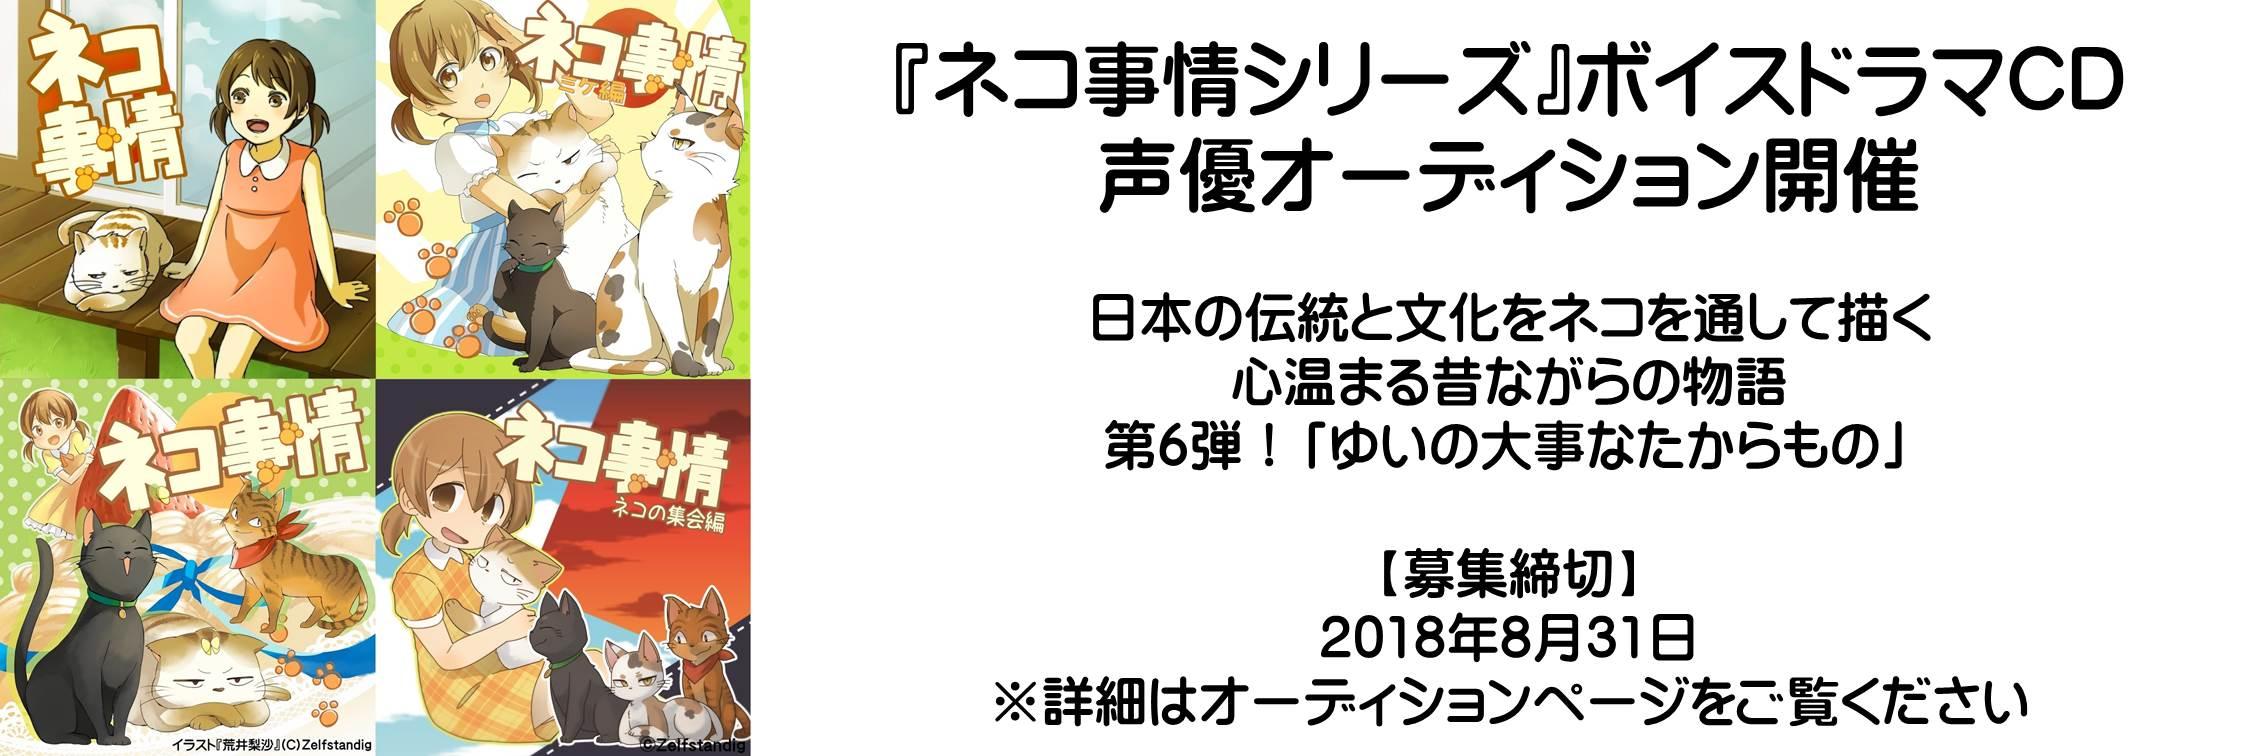 ネコ事情シリーズ声優オーディションVol.6